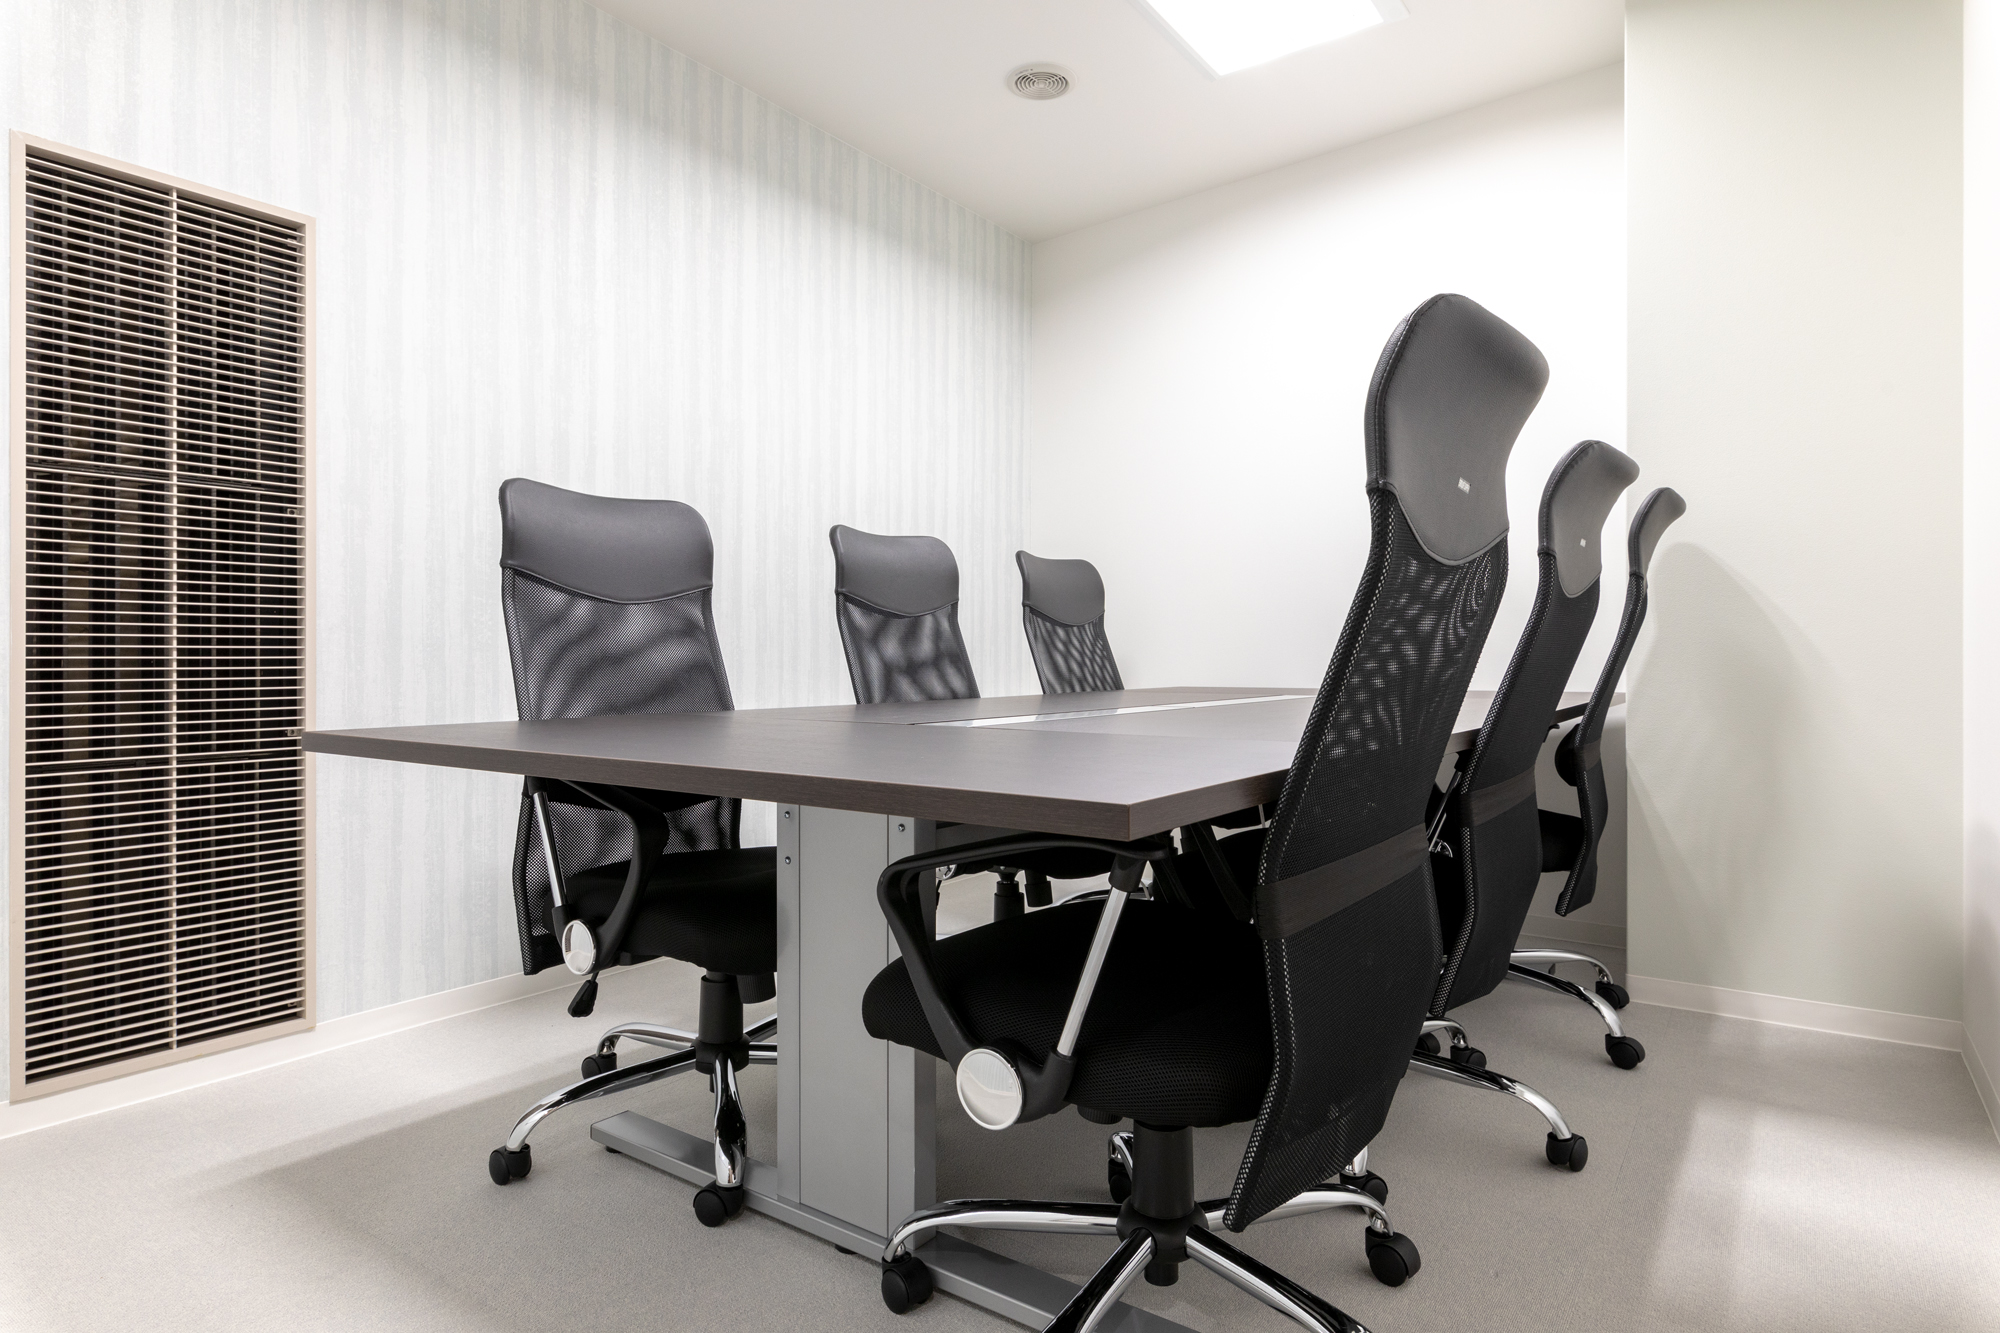 全国45ヵ所にある会議室もリーズナブルな価格で利用可能